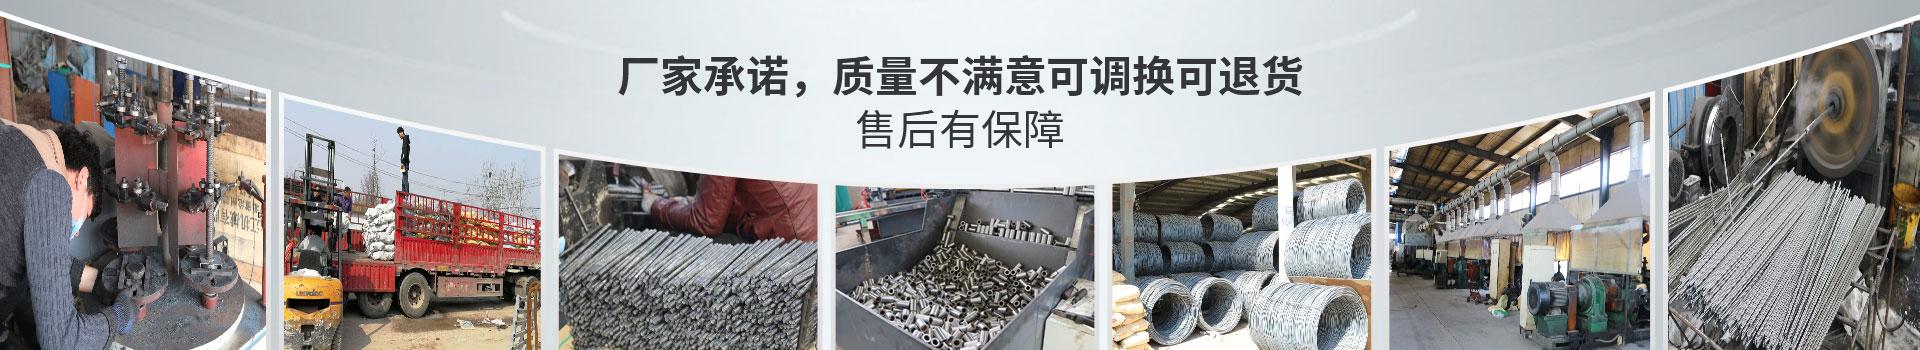 松茂建材,厂家承诺,质量不满意可调换可退货